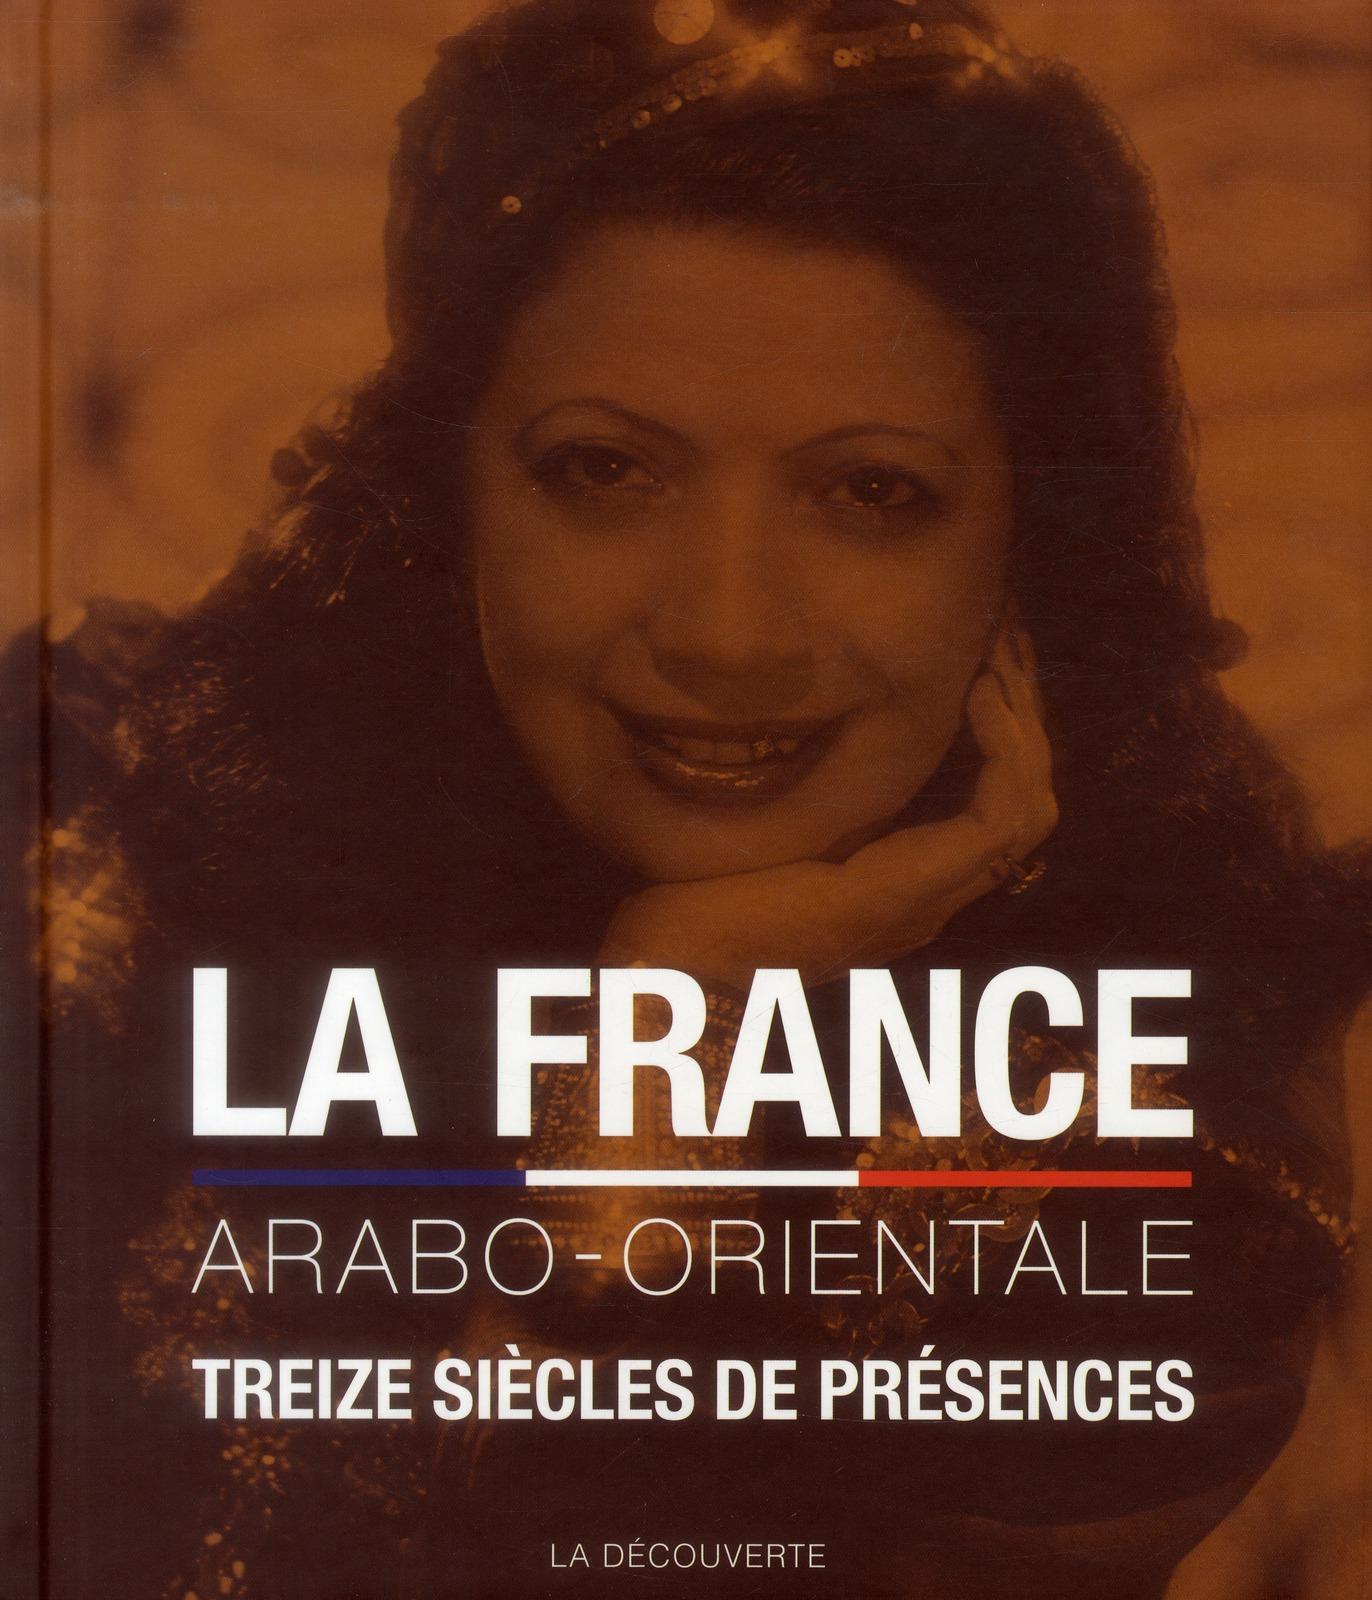 LA FRANCE ARABO-ORIENTALE  -  TREIZE SIECLES DE PRESENCE